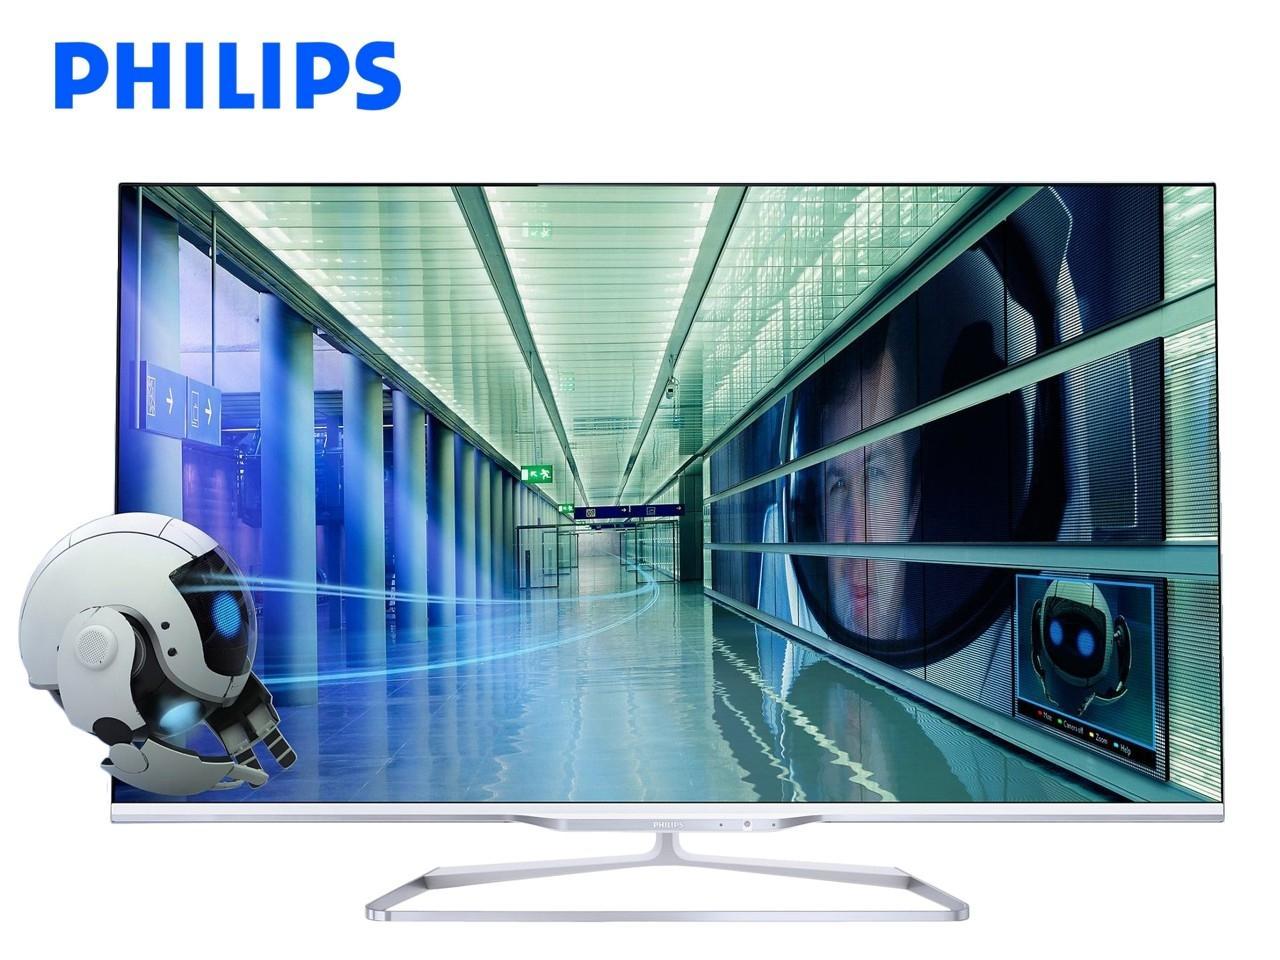 PHILIPS 47PFL7108K + 700 Kč na dárky nebo další nákup | CHAT on-line podpora PO-PÁ 8-22.00!!